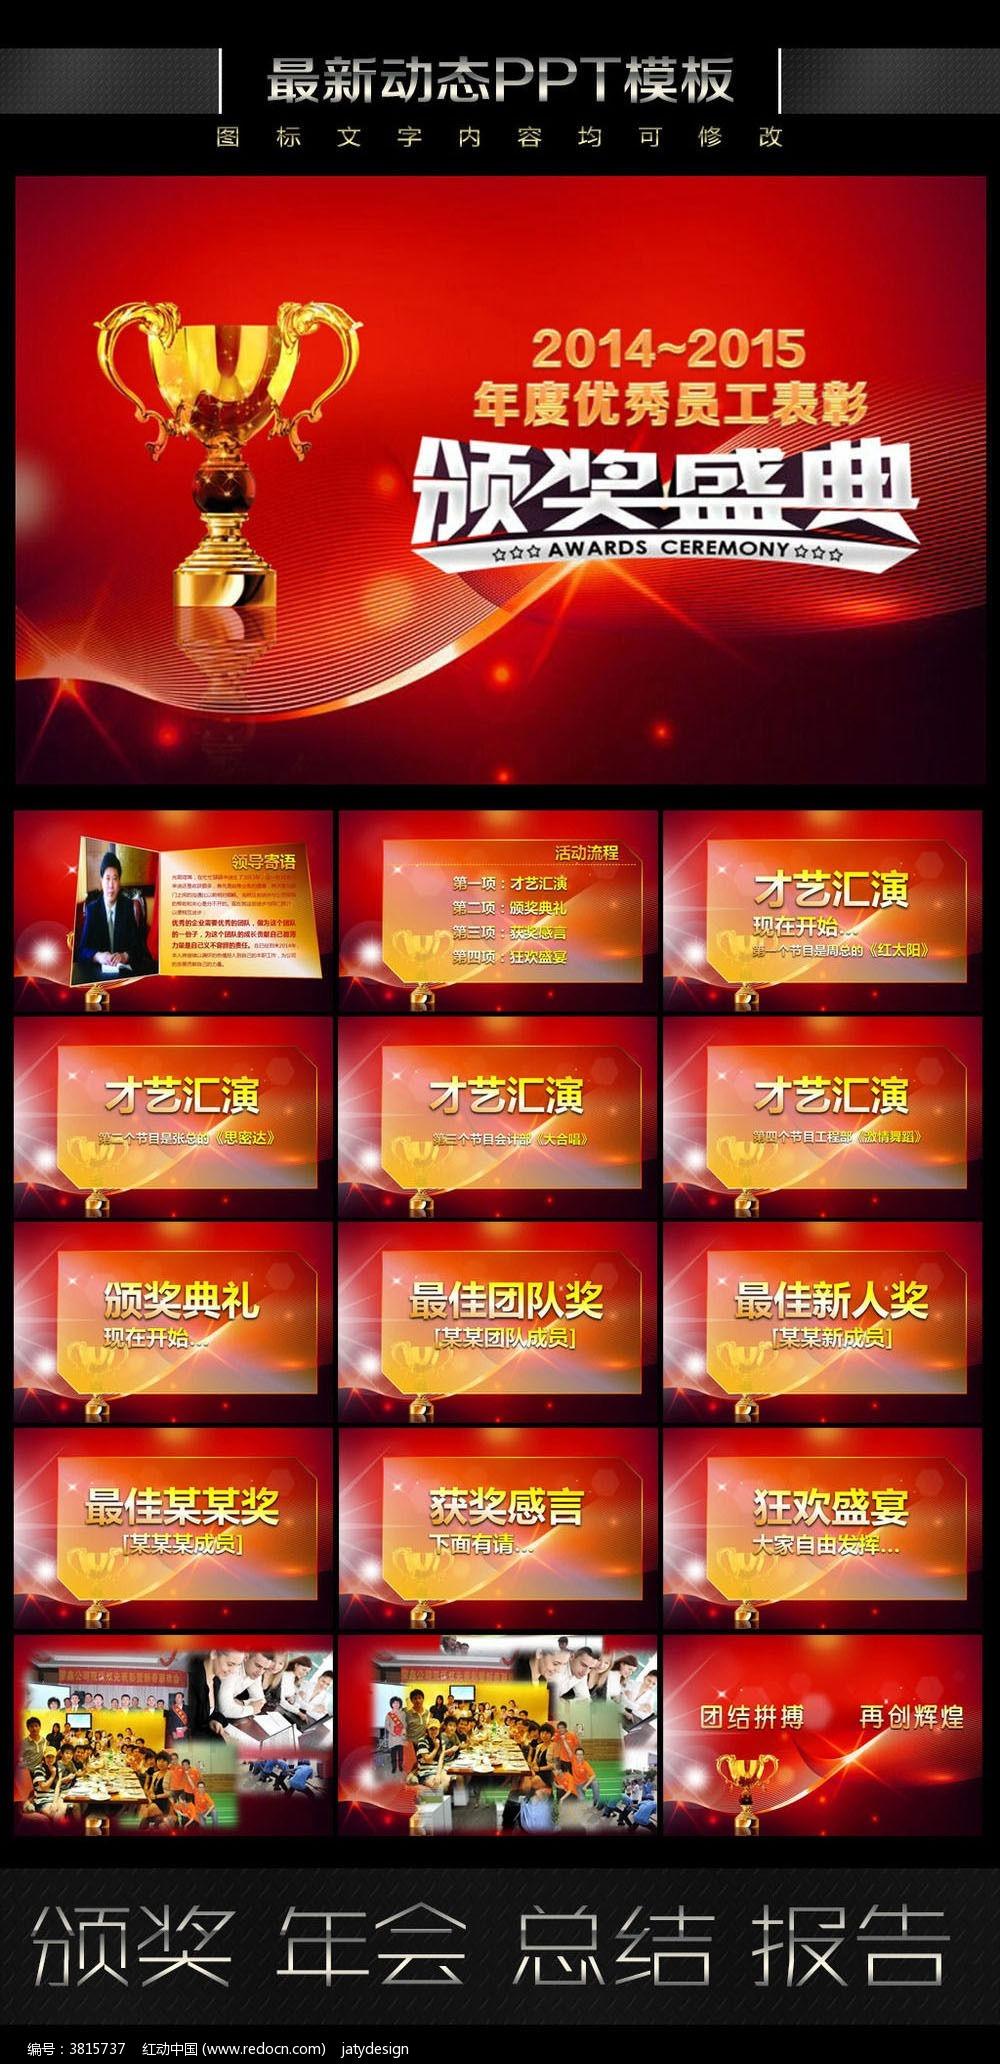 2015年年会颁奖典礼PPT